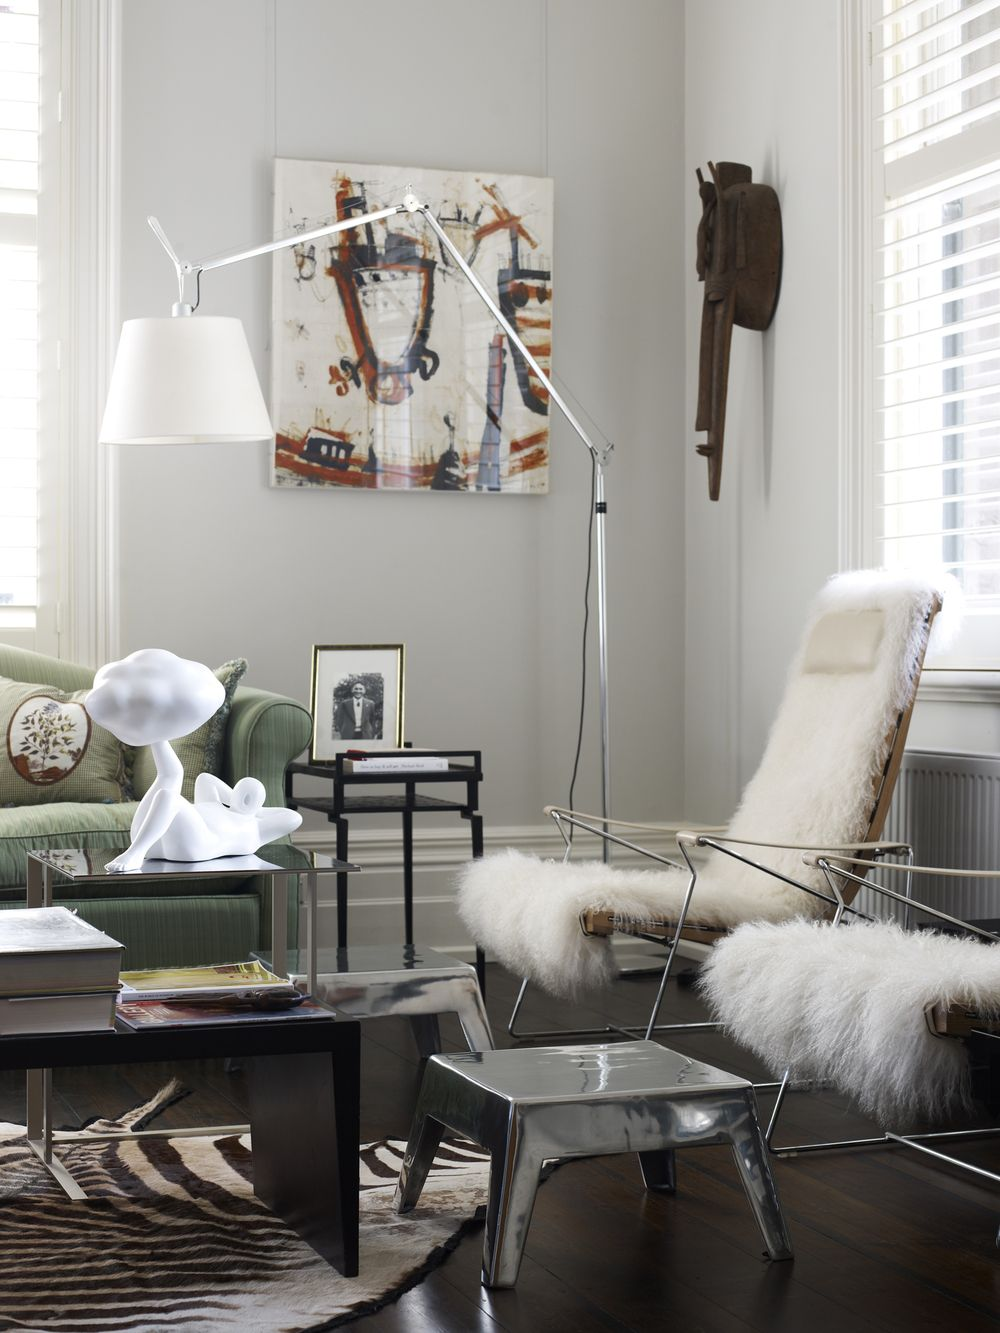 World Best Interior Designer featuring atticusmilo For